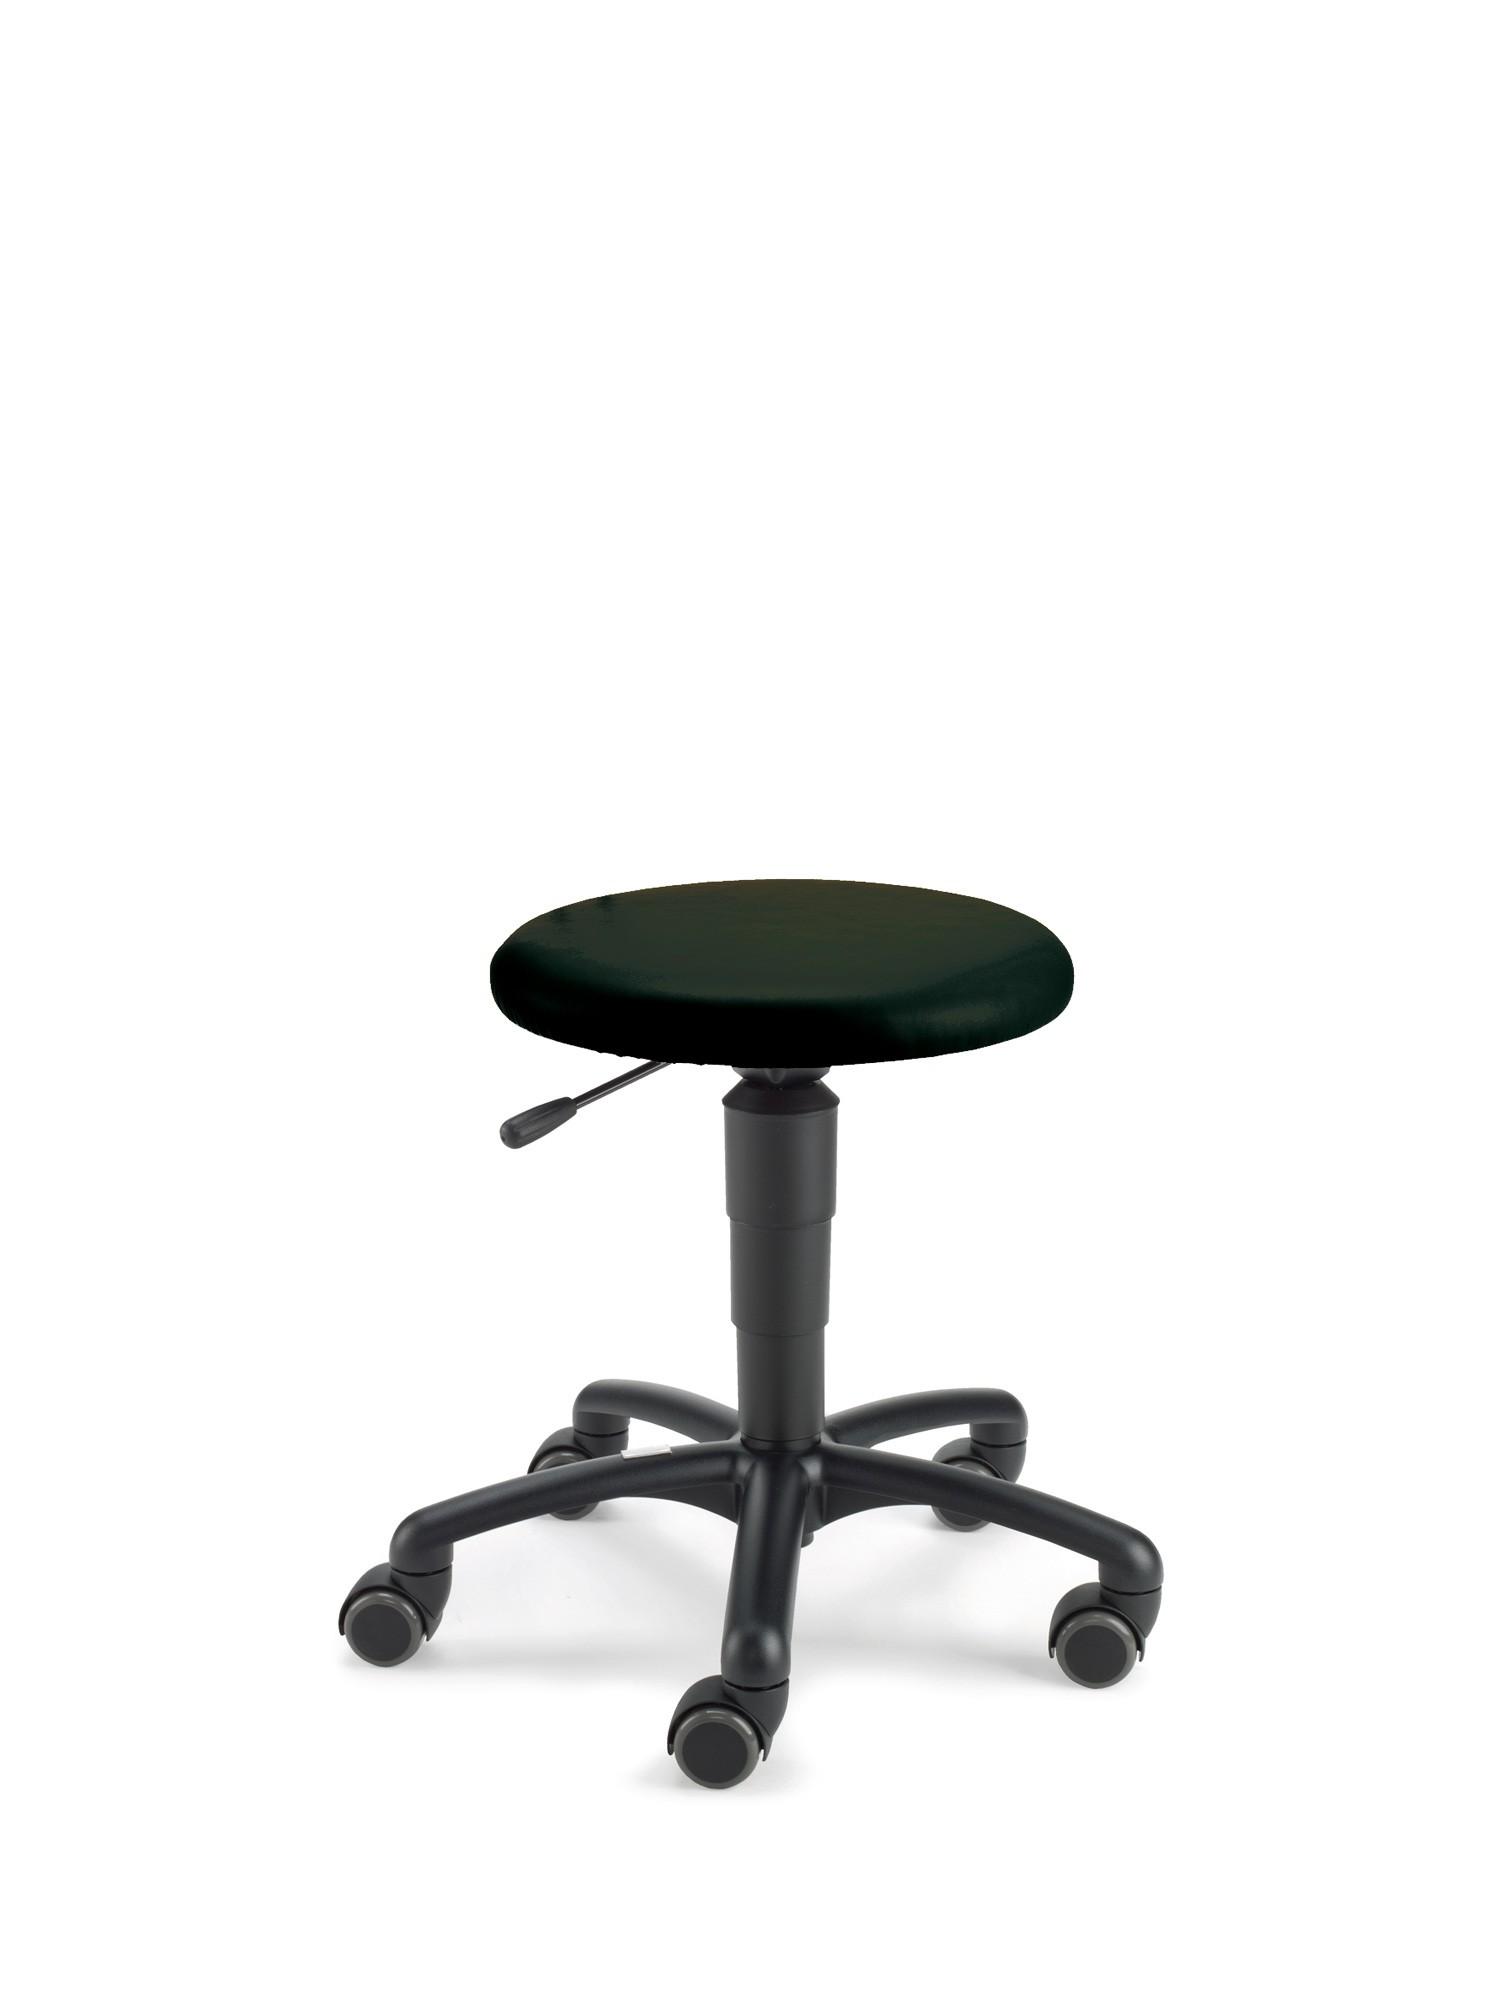 Beispiel mit Kunstlederbezug schwarz (Farbe nachgestellt)